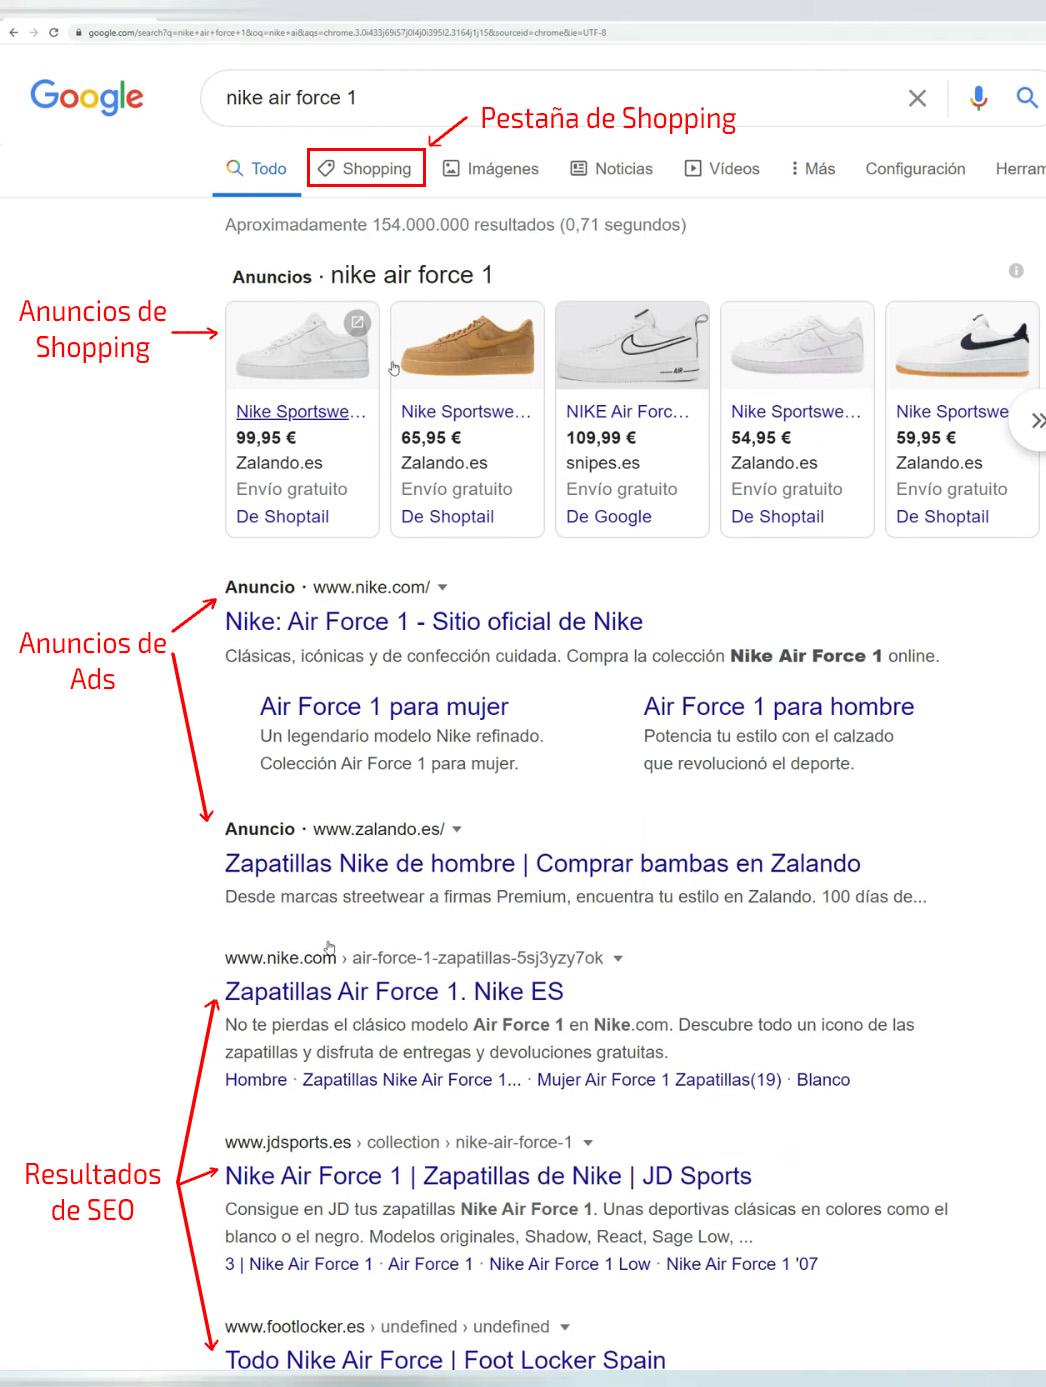 Resultados de Google Shopping en el buscador habitual